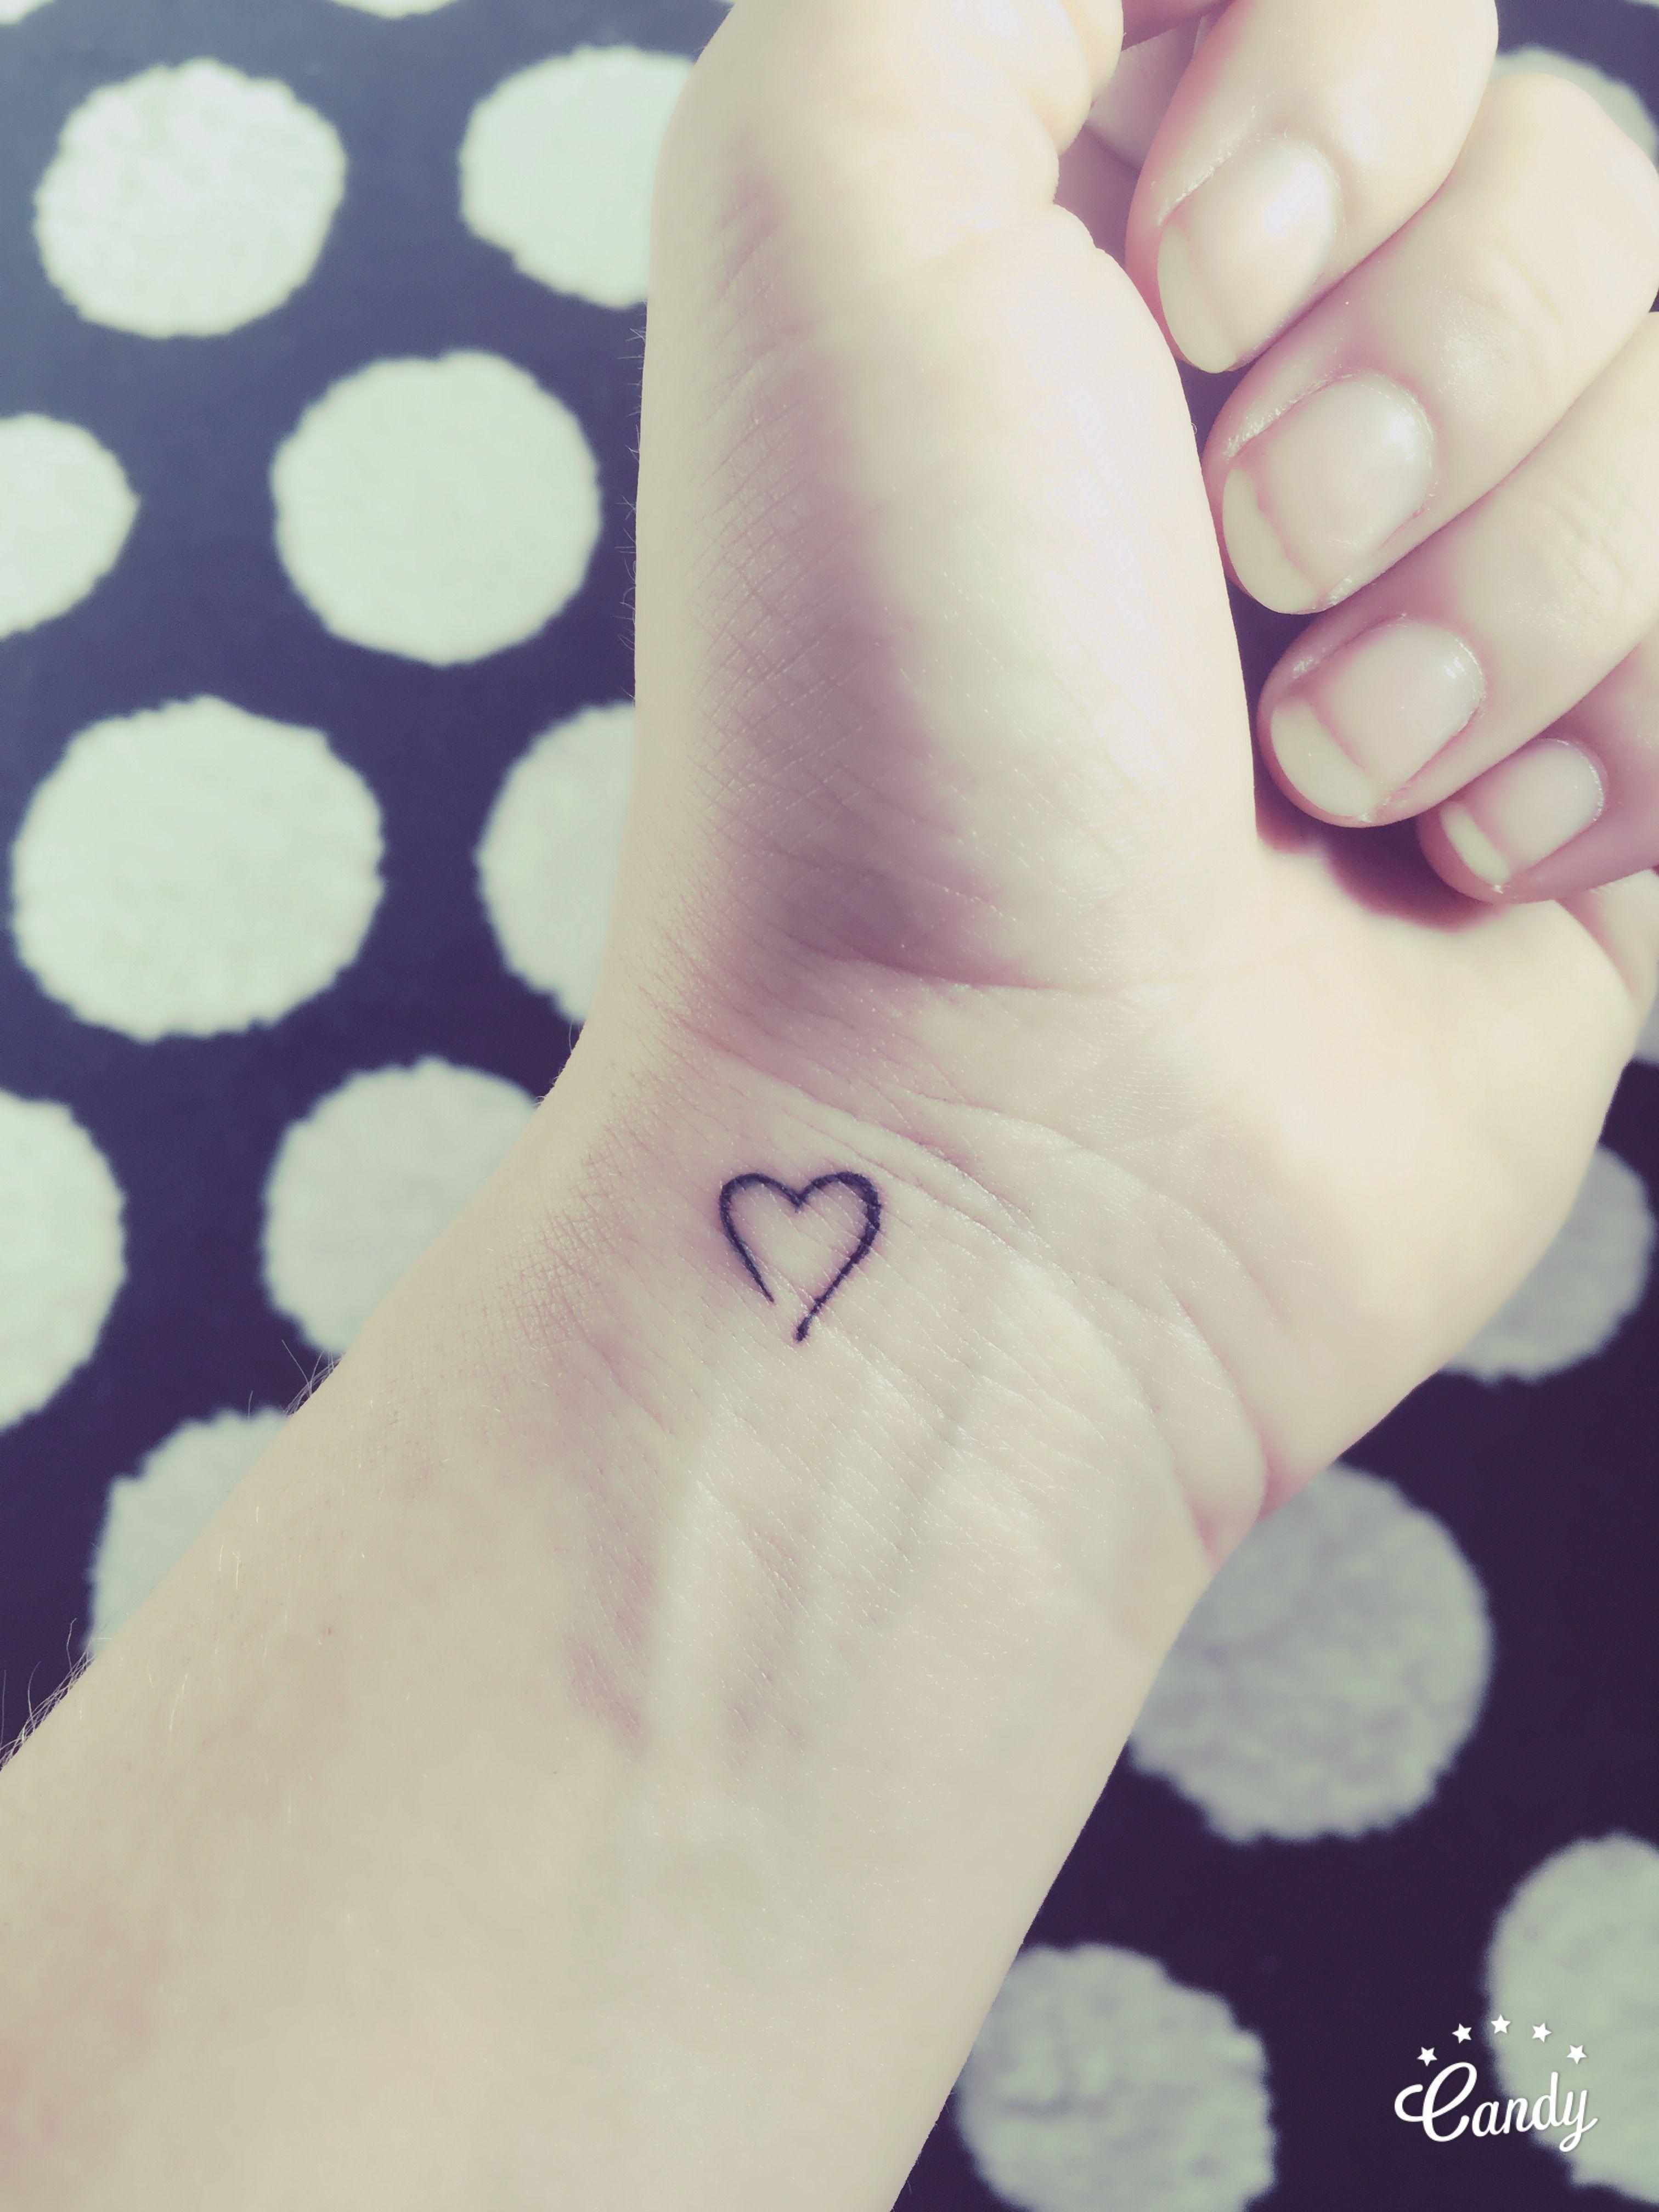 little heart tattoo on wrist. een klein hartje op de pols (tatoeage